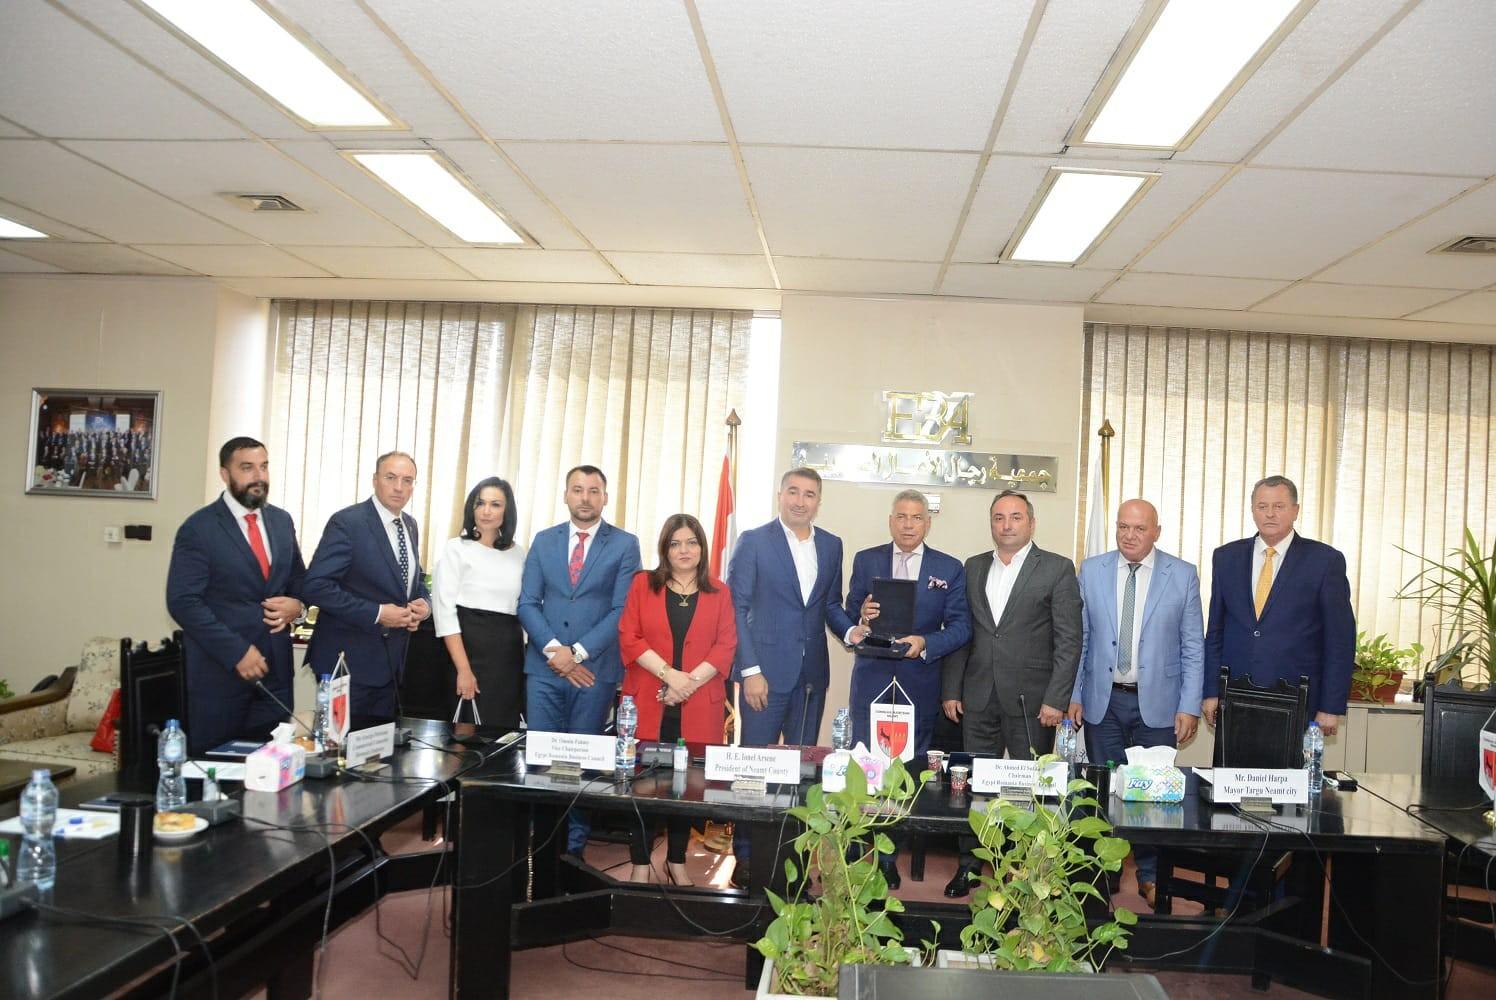 تفاصيل اجتماع رجال الأعمال مع وفد مقاطعة نيامتس الرومانية للاستثمار في مصر